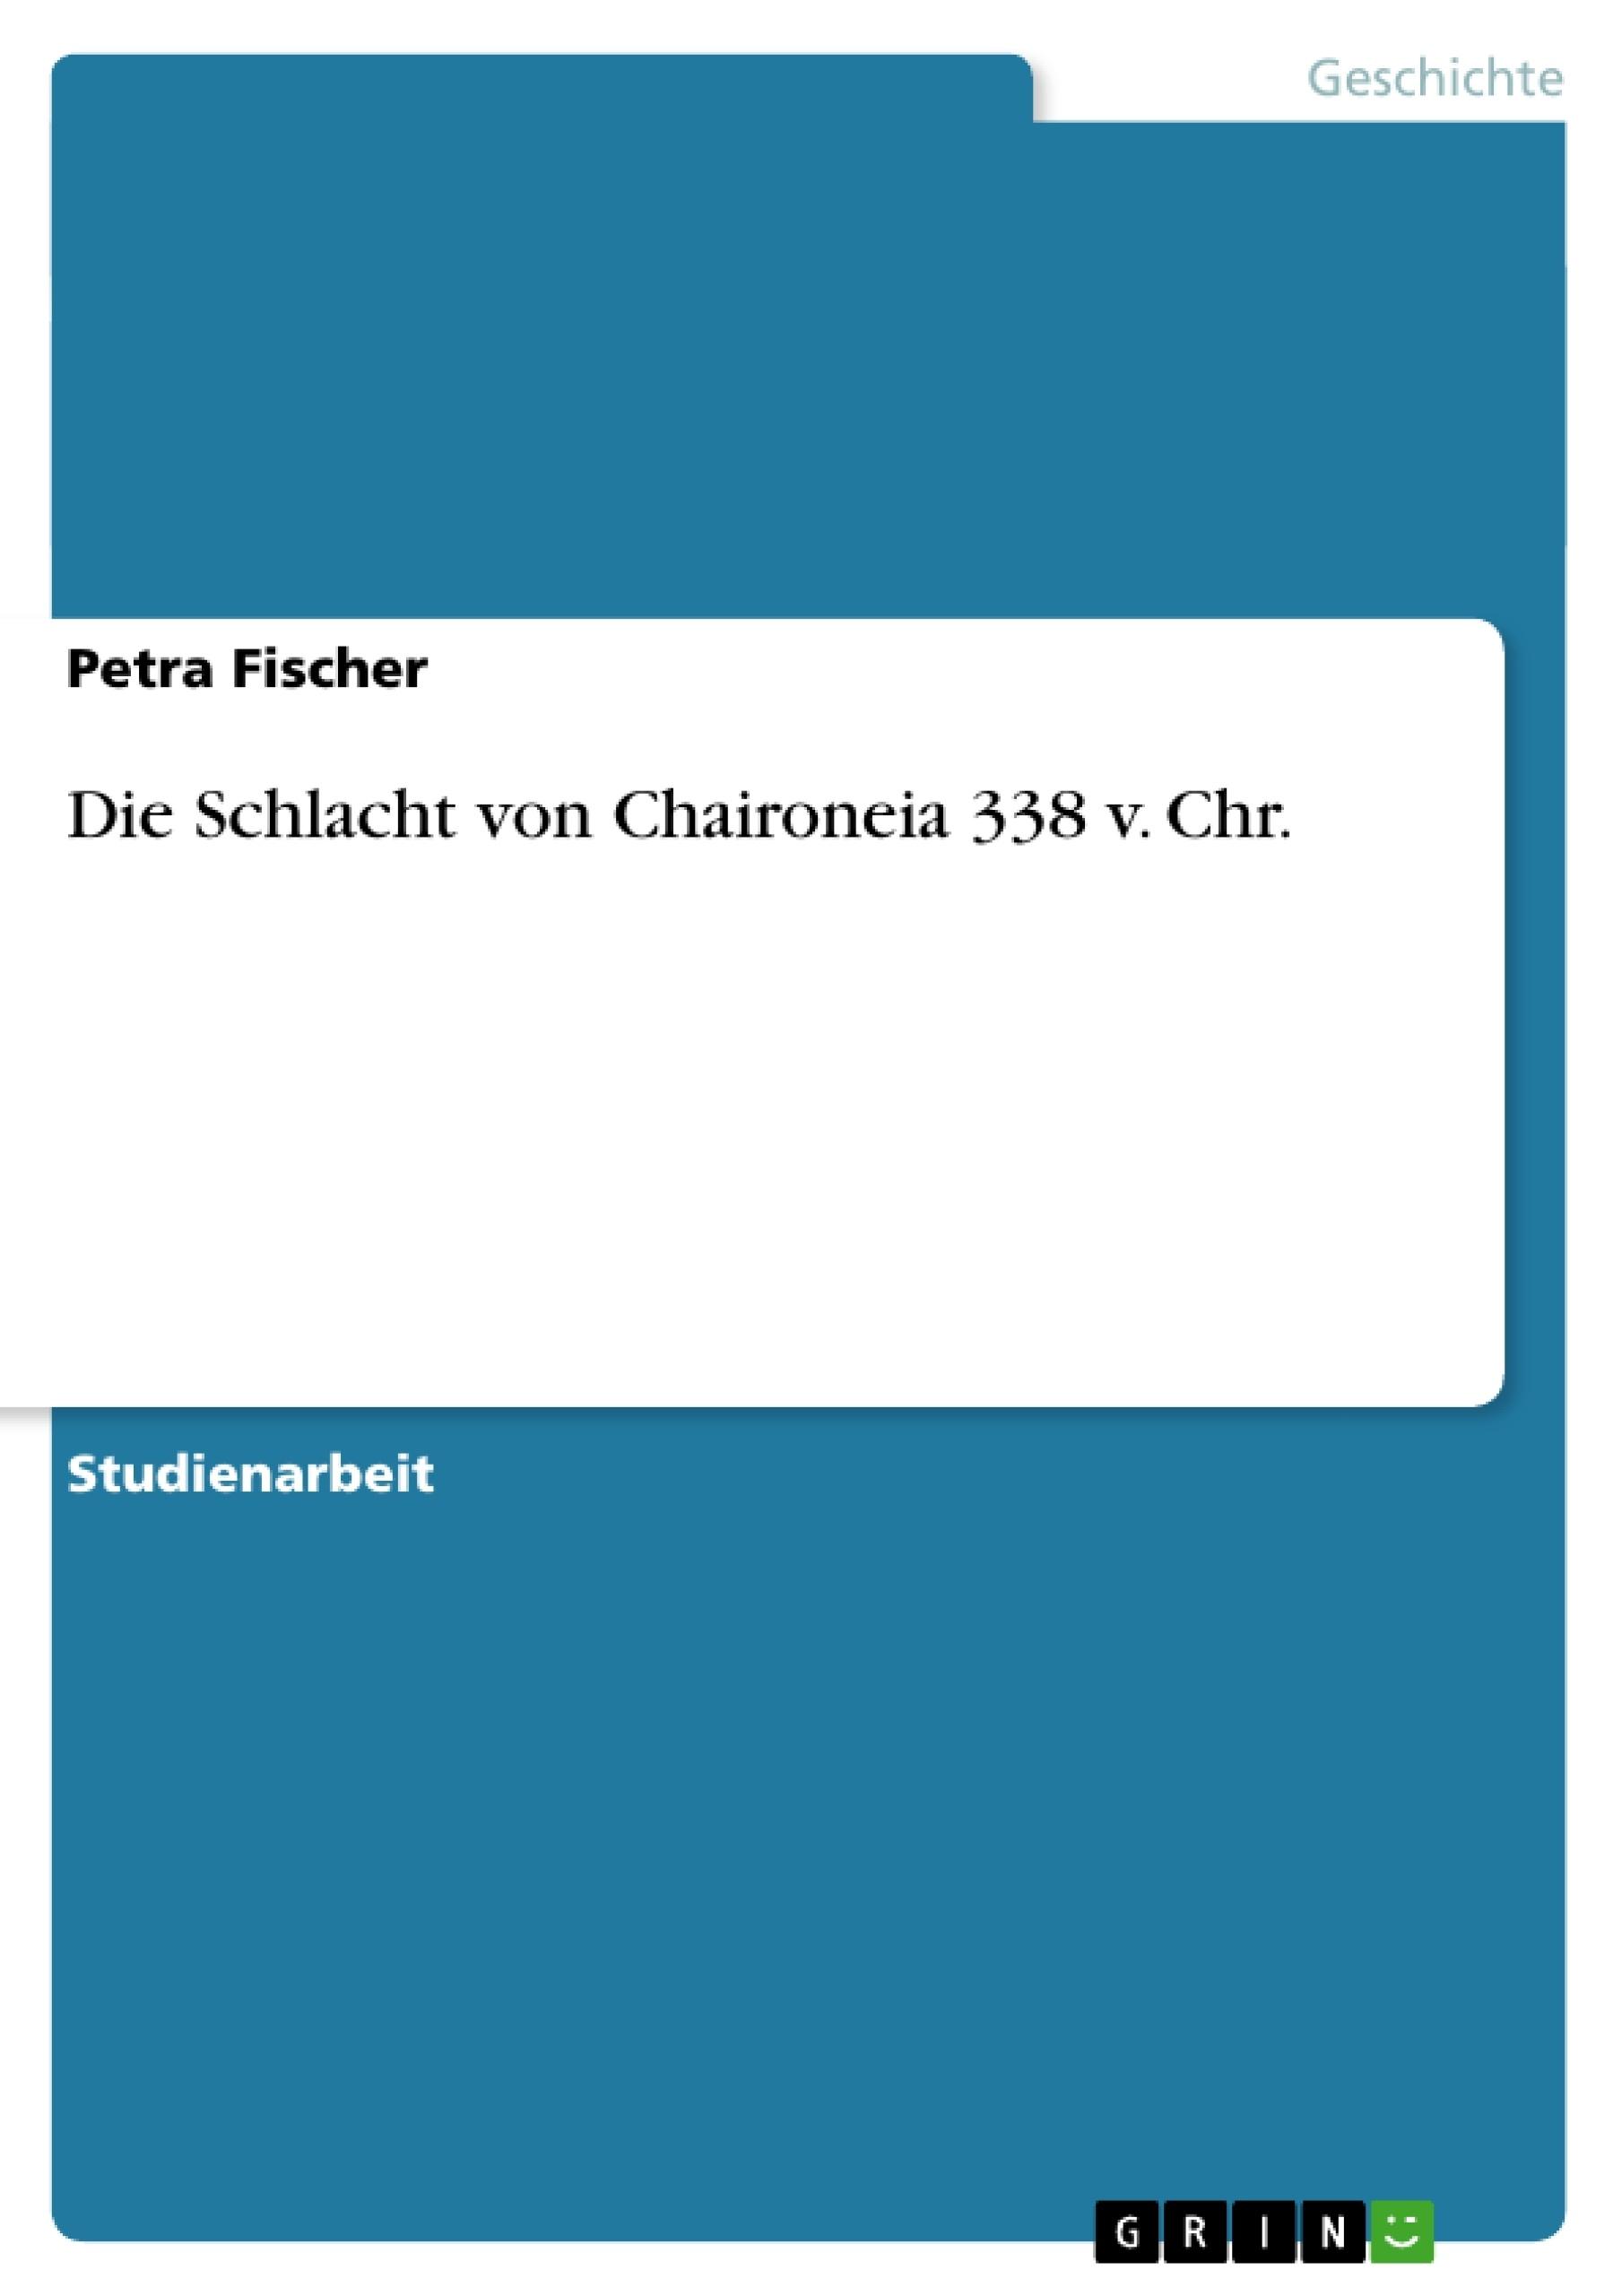 Titel: Die Schlacht von Chaironeia 338 v. Chr.